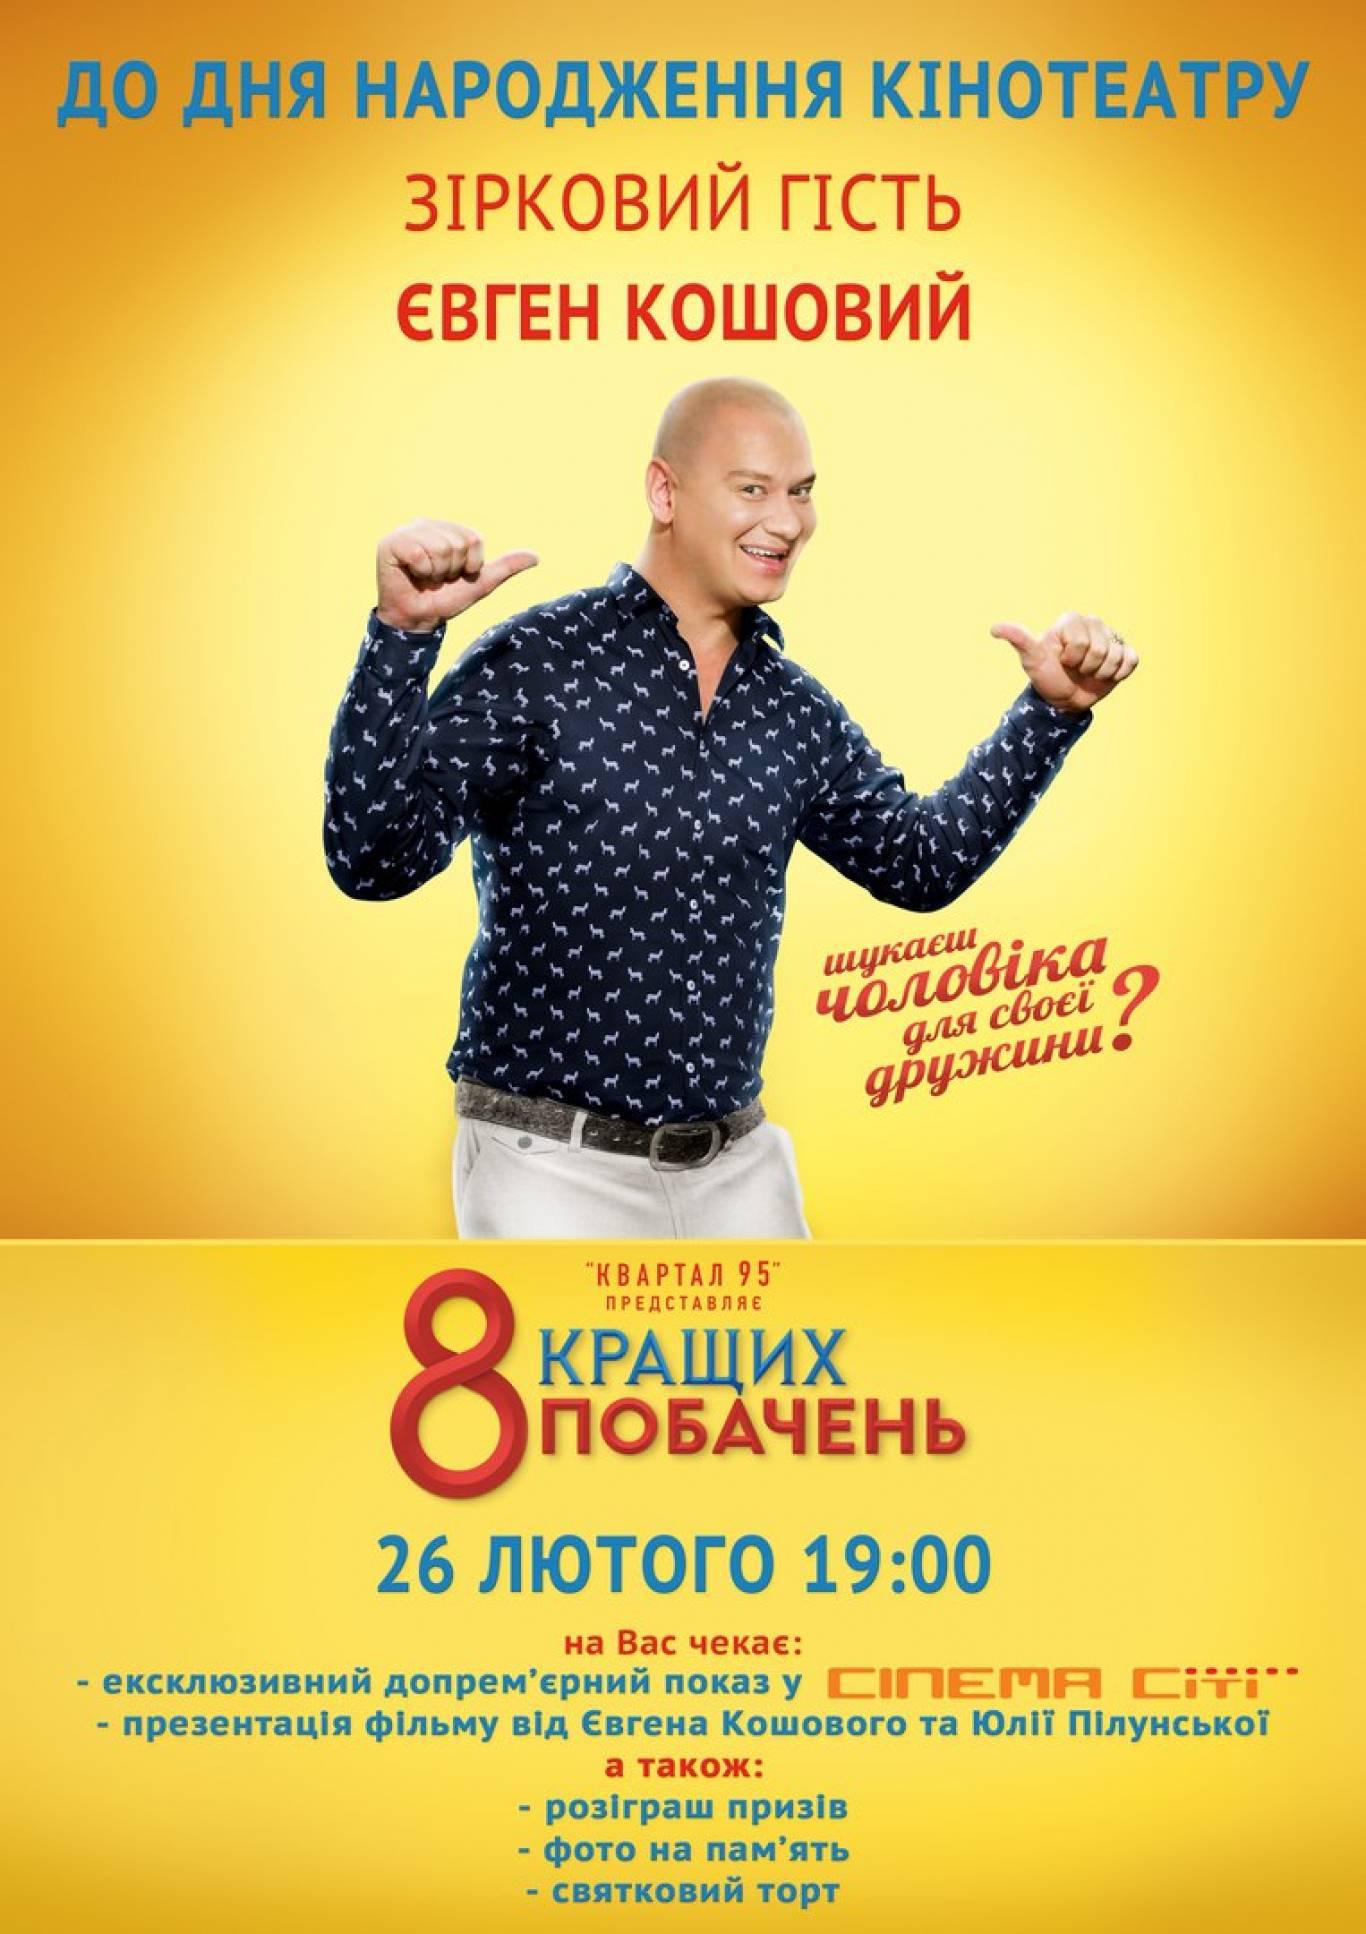 """Ексклюзивний показ """"8 кращих побачень"""" з Євгеном Кошовим"""